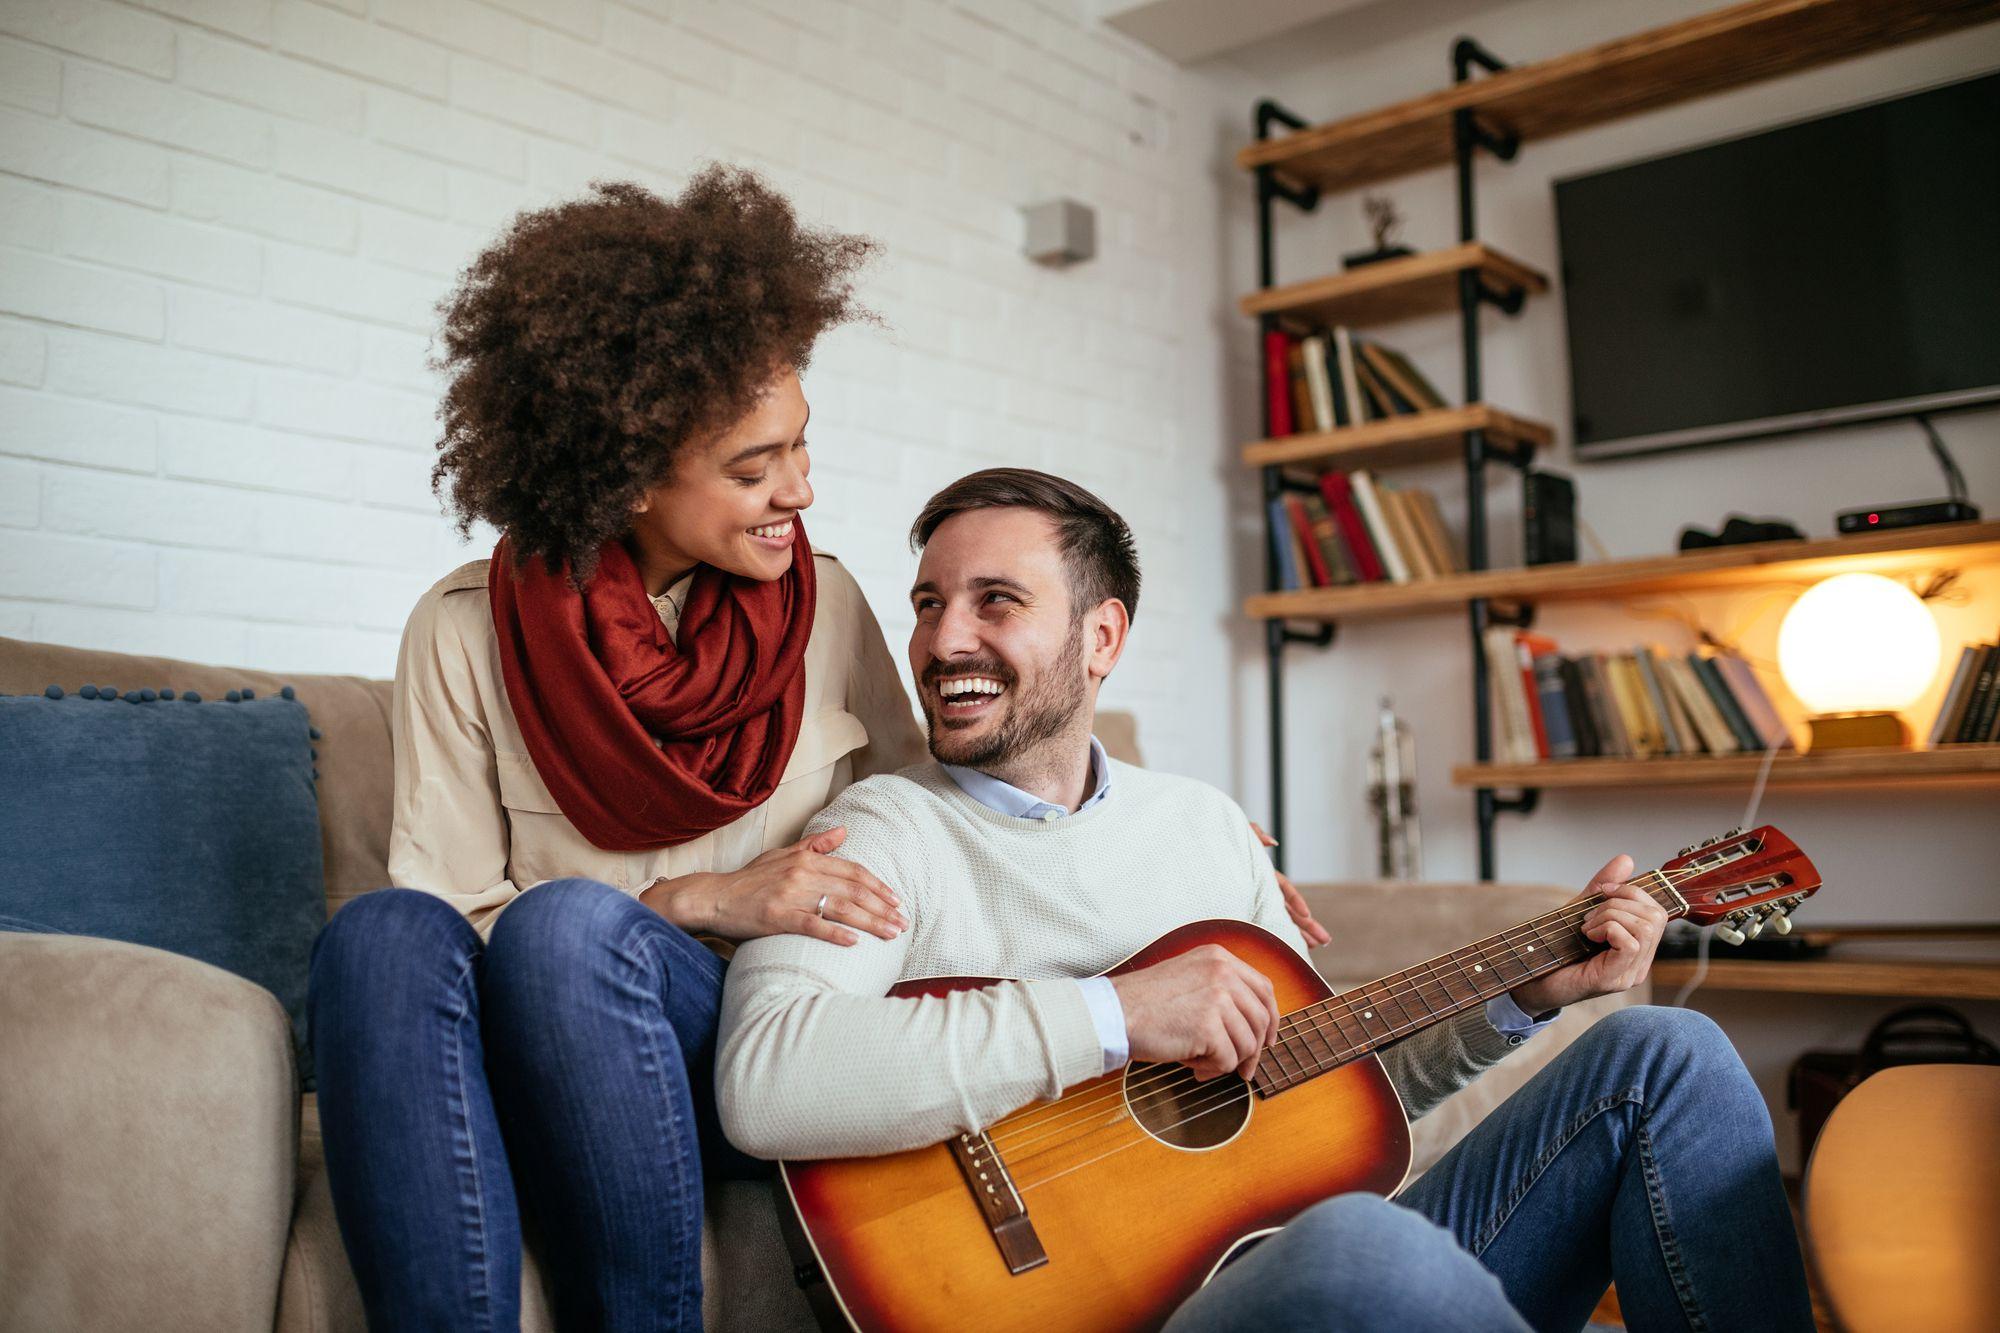 Dependência emocional: entenda o que é e como reverter